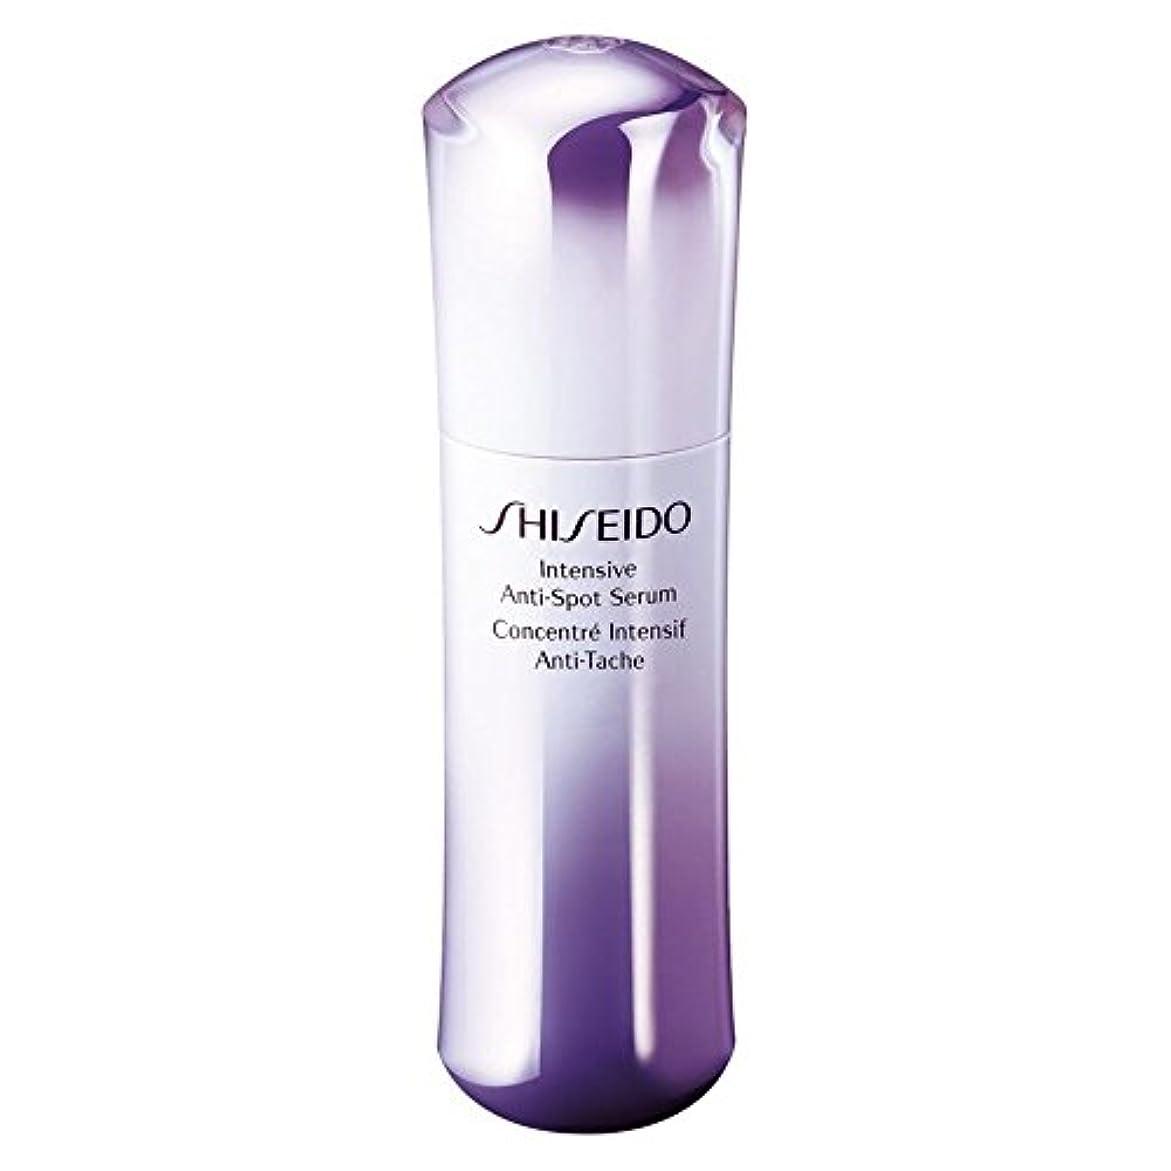 あさり取り消す取るに足らない[Shiseido] 集中的なアンチスポットセラム30MlをShisiedo - Shisiedo Intensive Anti-Spot Serum 30ml [並行輸入品]